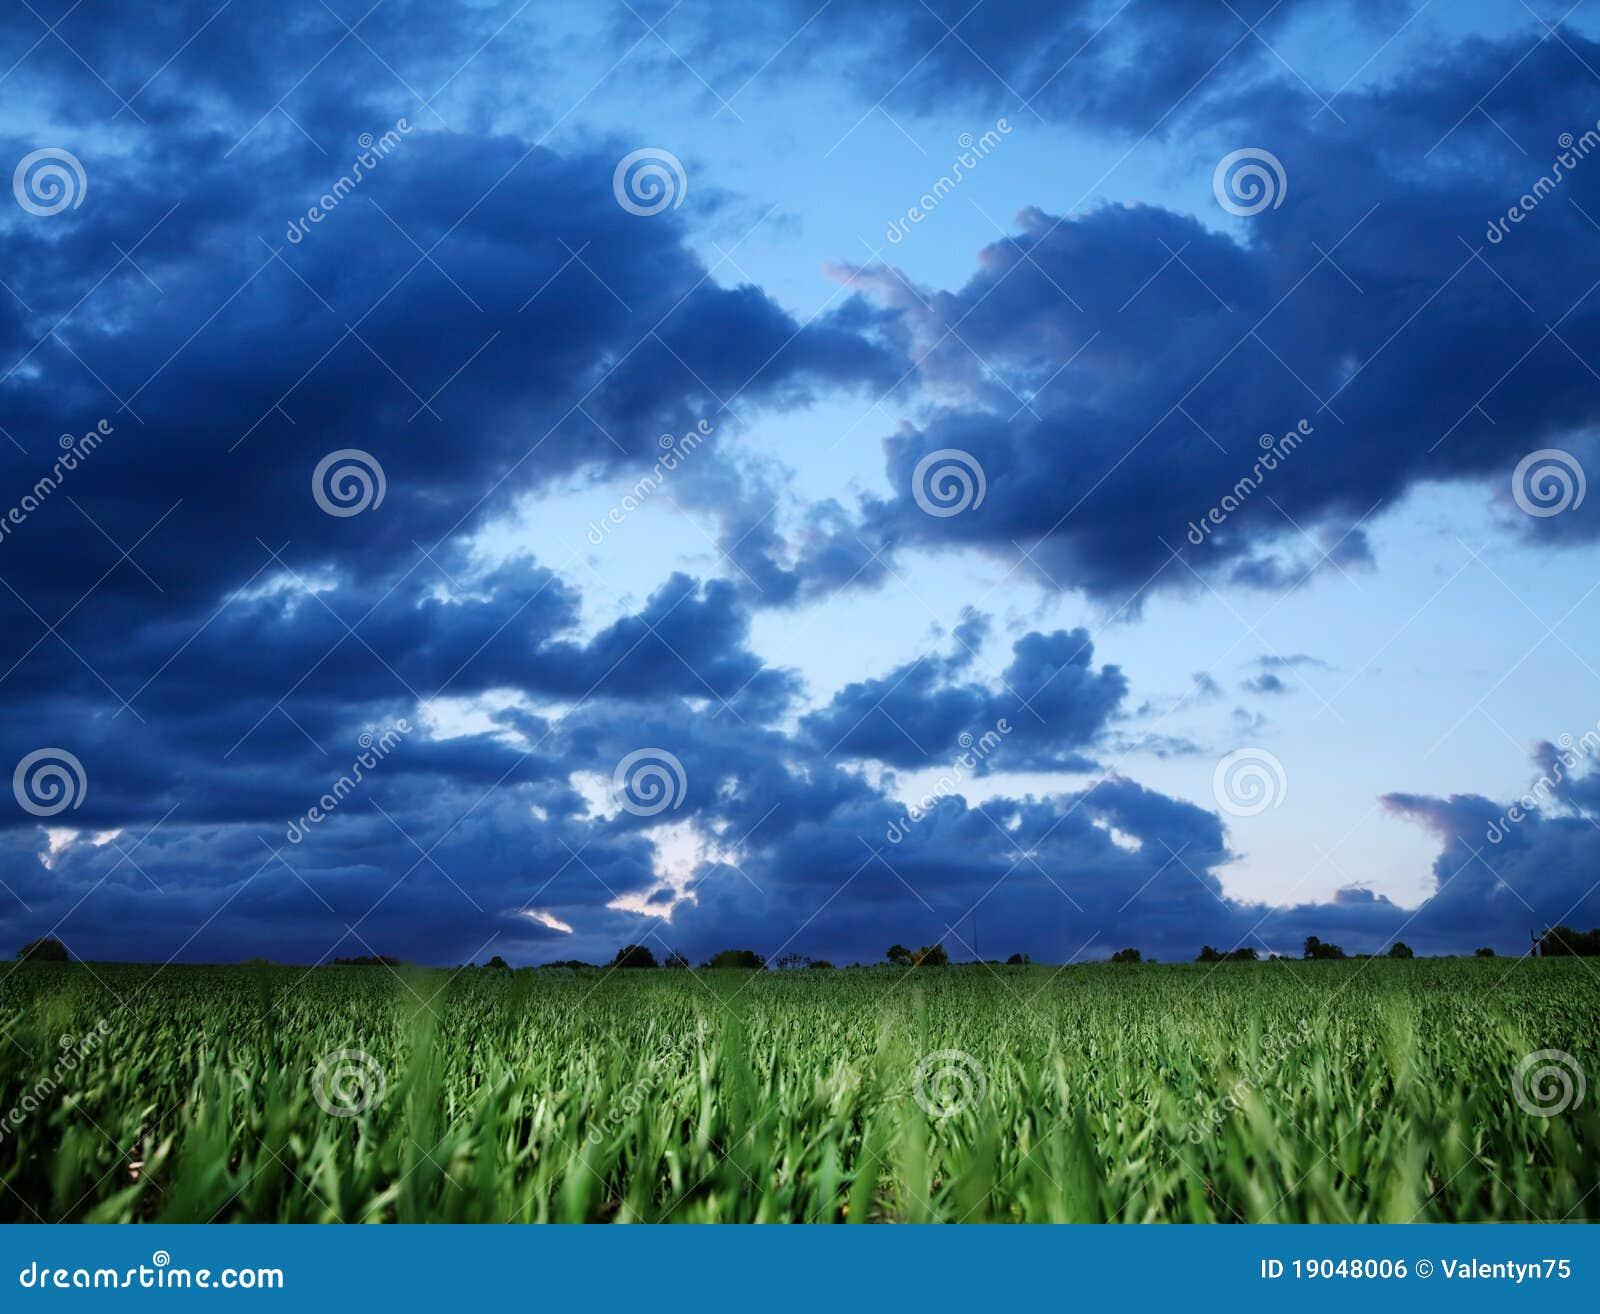 Weizenfeld und stürmischer Himmel der Dunkelheit bly.